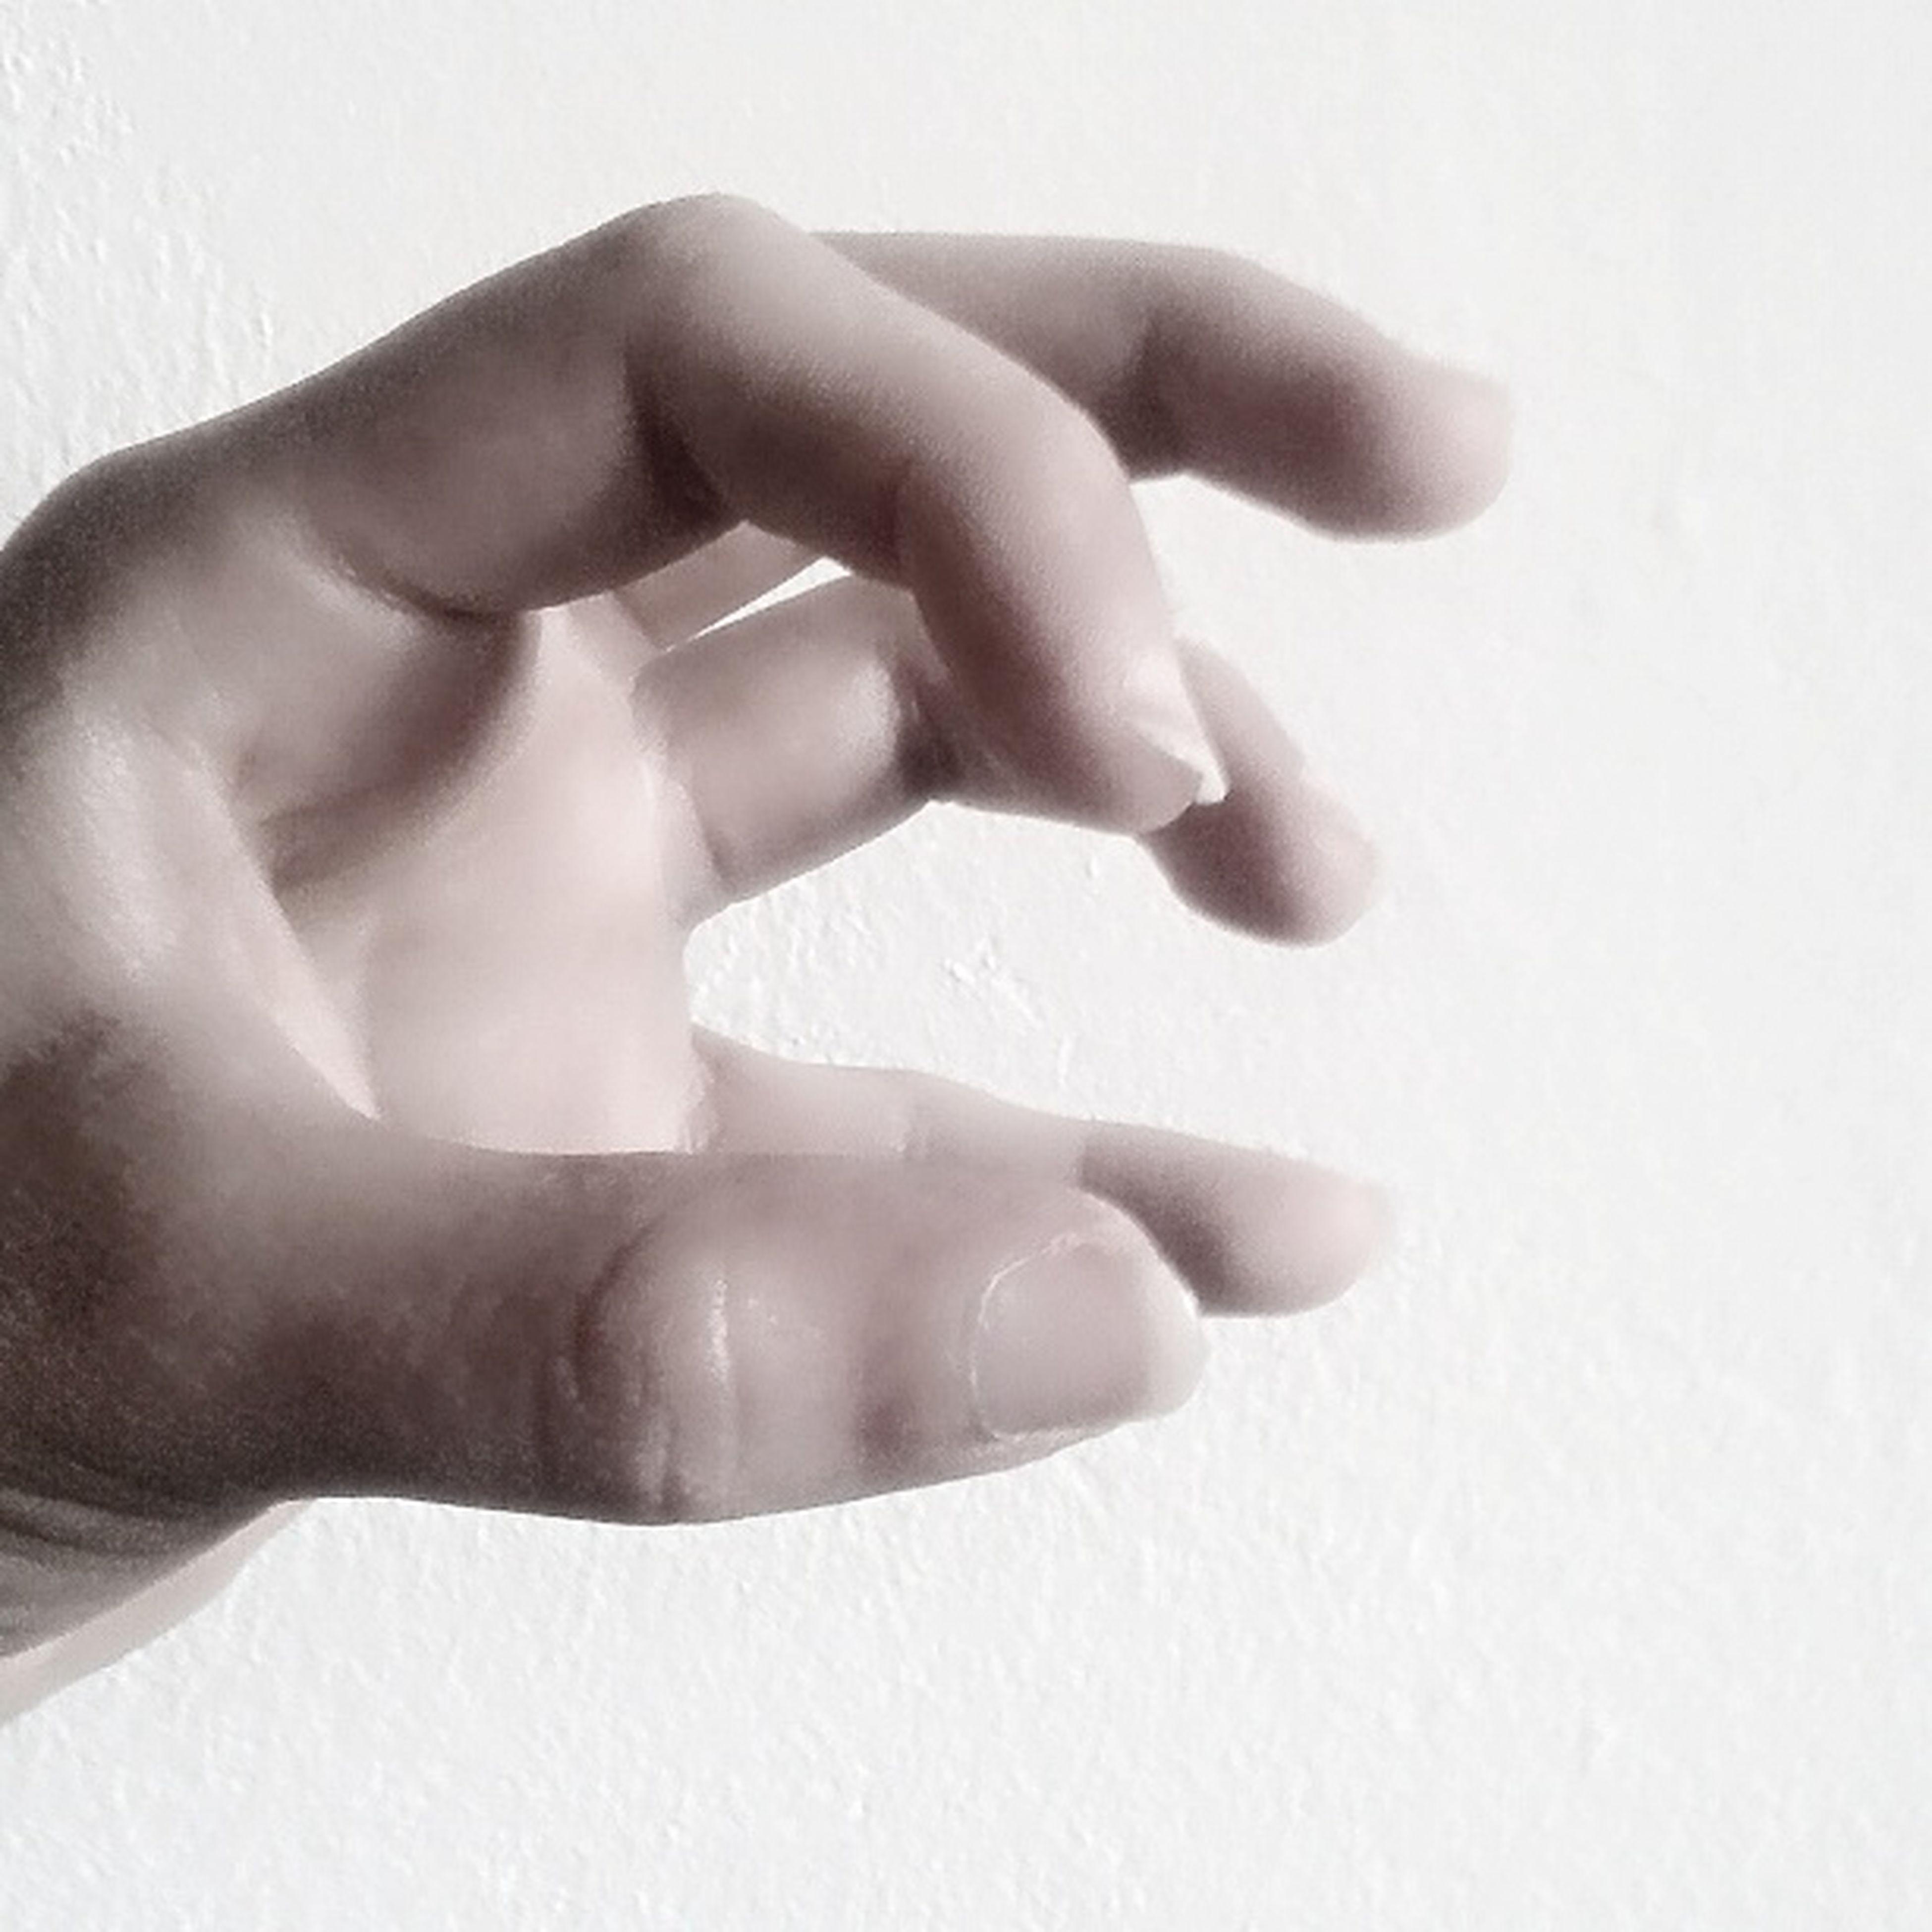 Hand Hände Lerne nur das Glück Ergreifen denn das Glück ist immer da